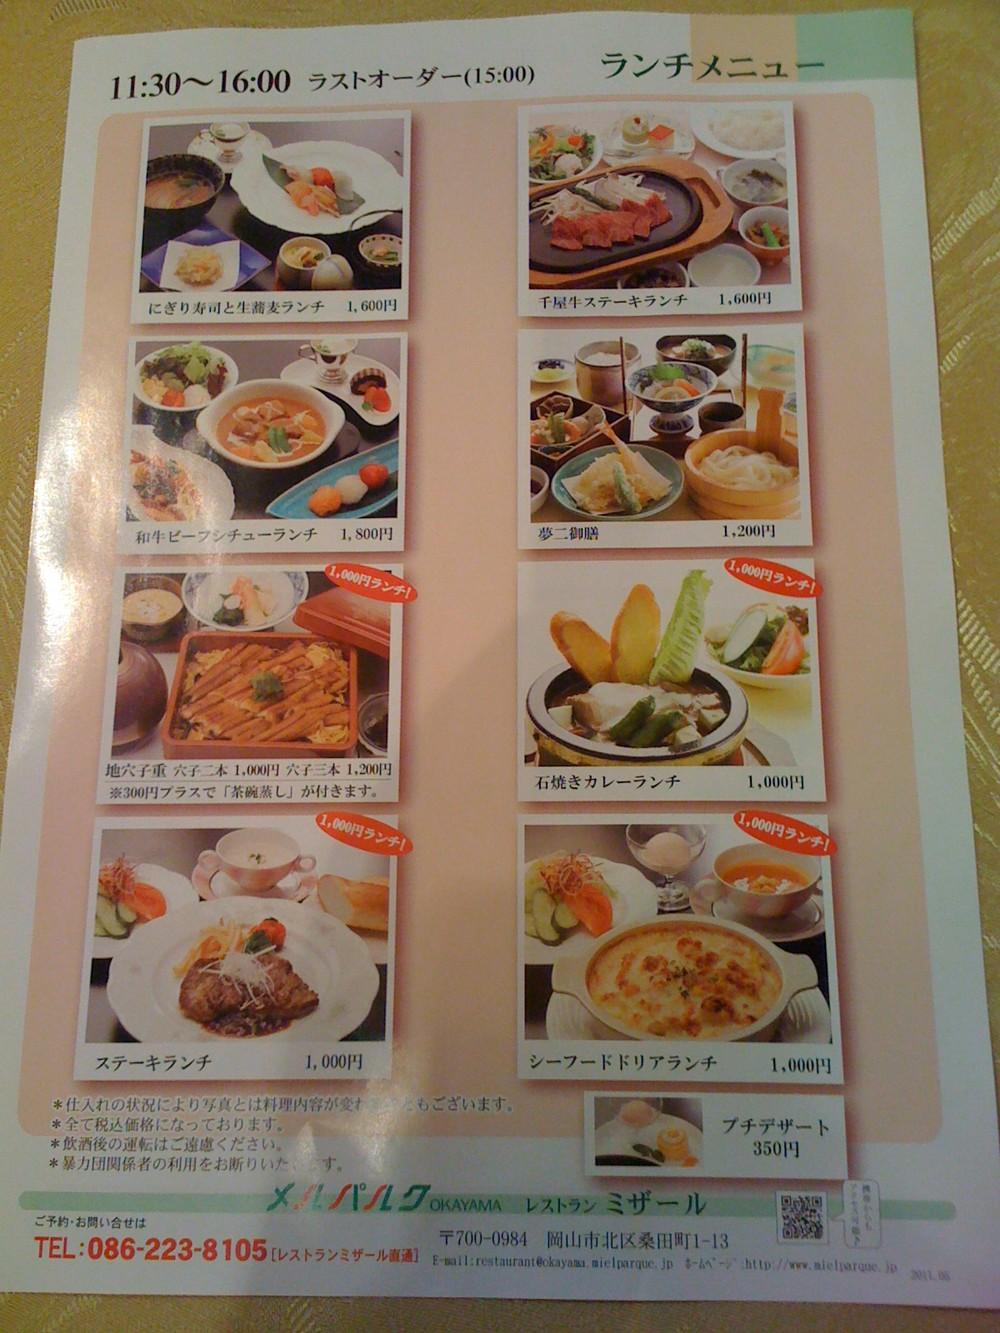 ホテル メルパルク岡山 レストラン ミザール